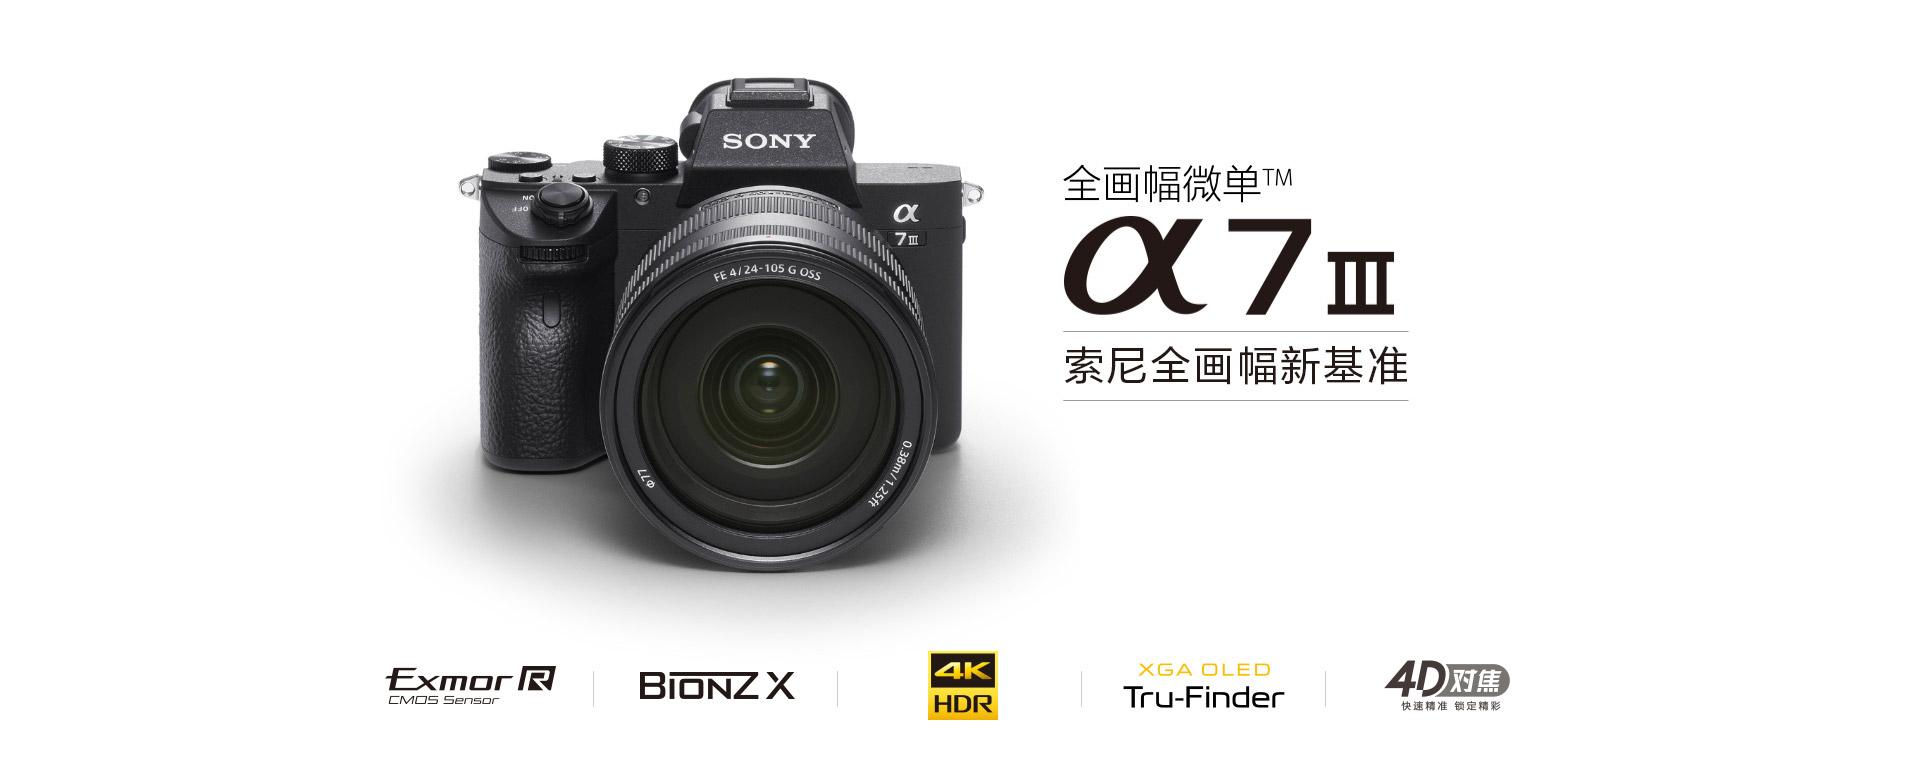 全画幅微单™Alpha 7 Ⅲ,索尼全画幅新基准&Exmor R COMS Sensor,BIONZ X ,4K HDR,XGA OLED Tru-Finder,4D对焦快速精准 锁定精彩的logo